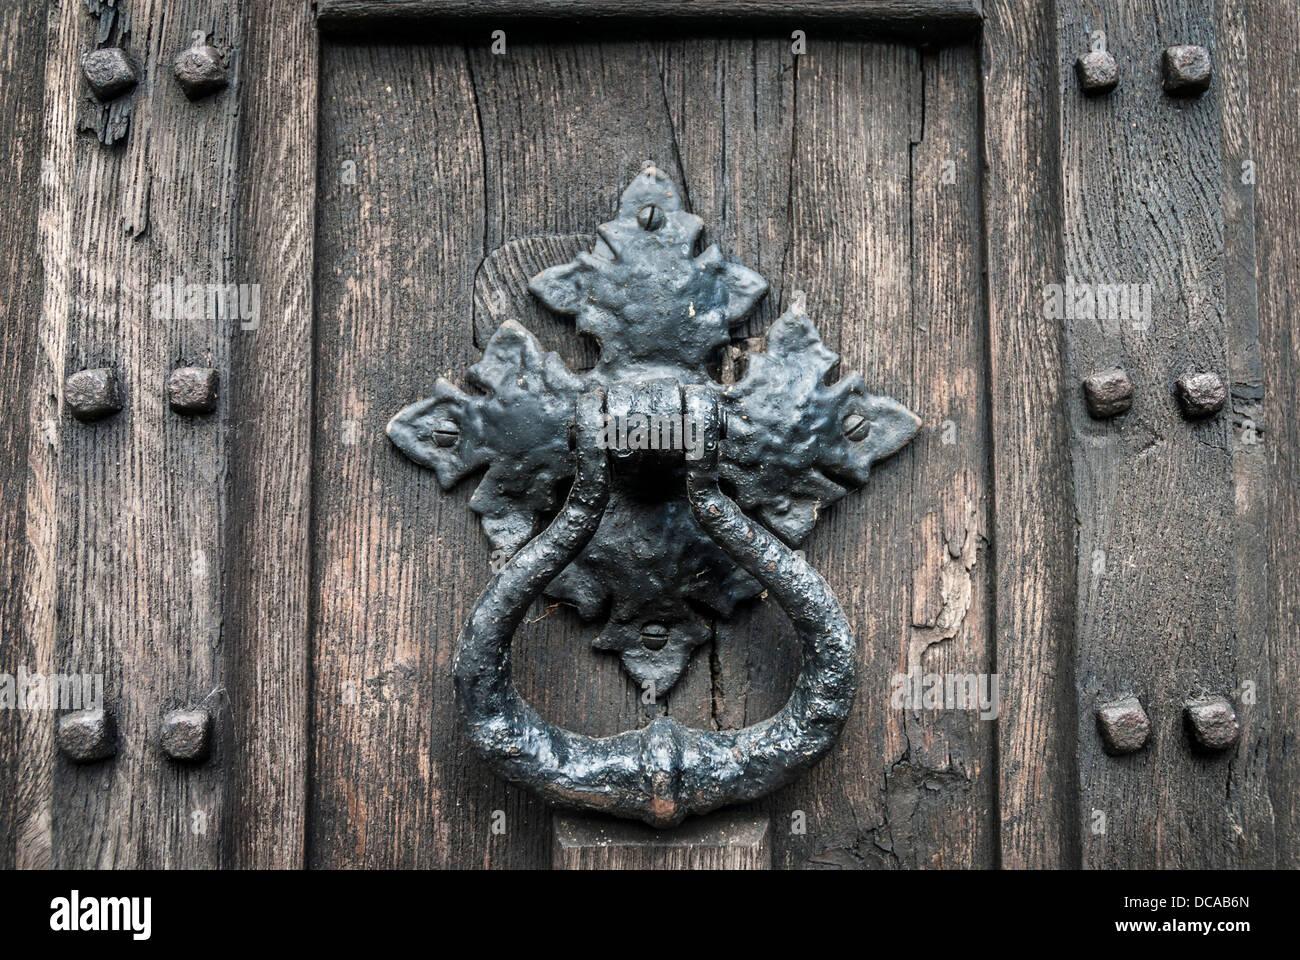 Merveilleux Old Door Knocker On Rustic Wooden Door.   Stock Image